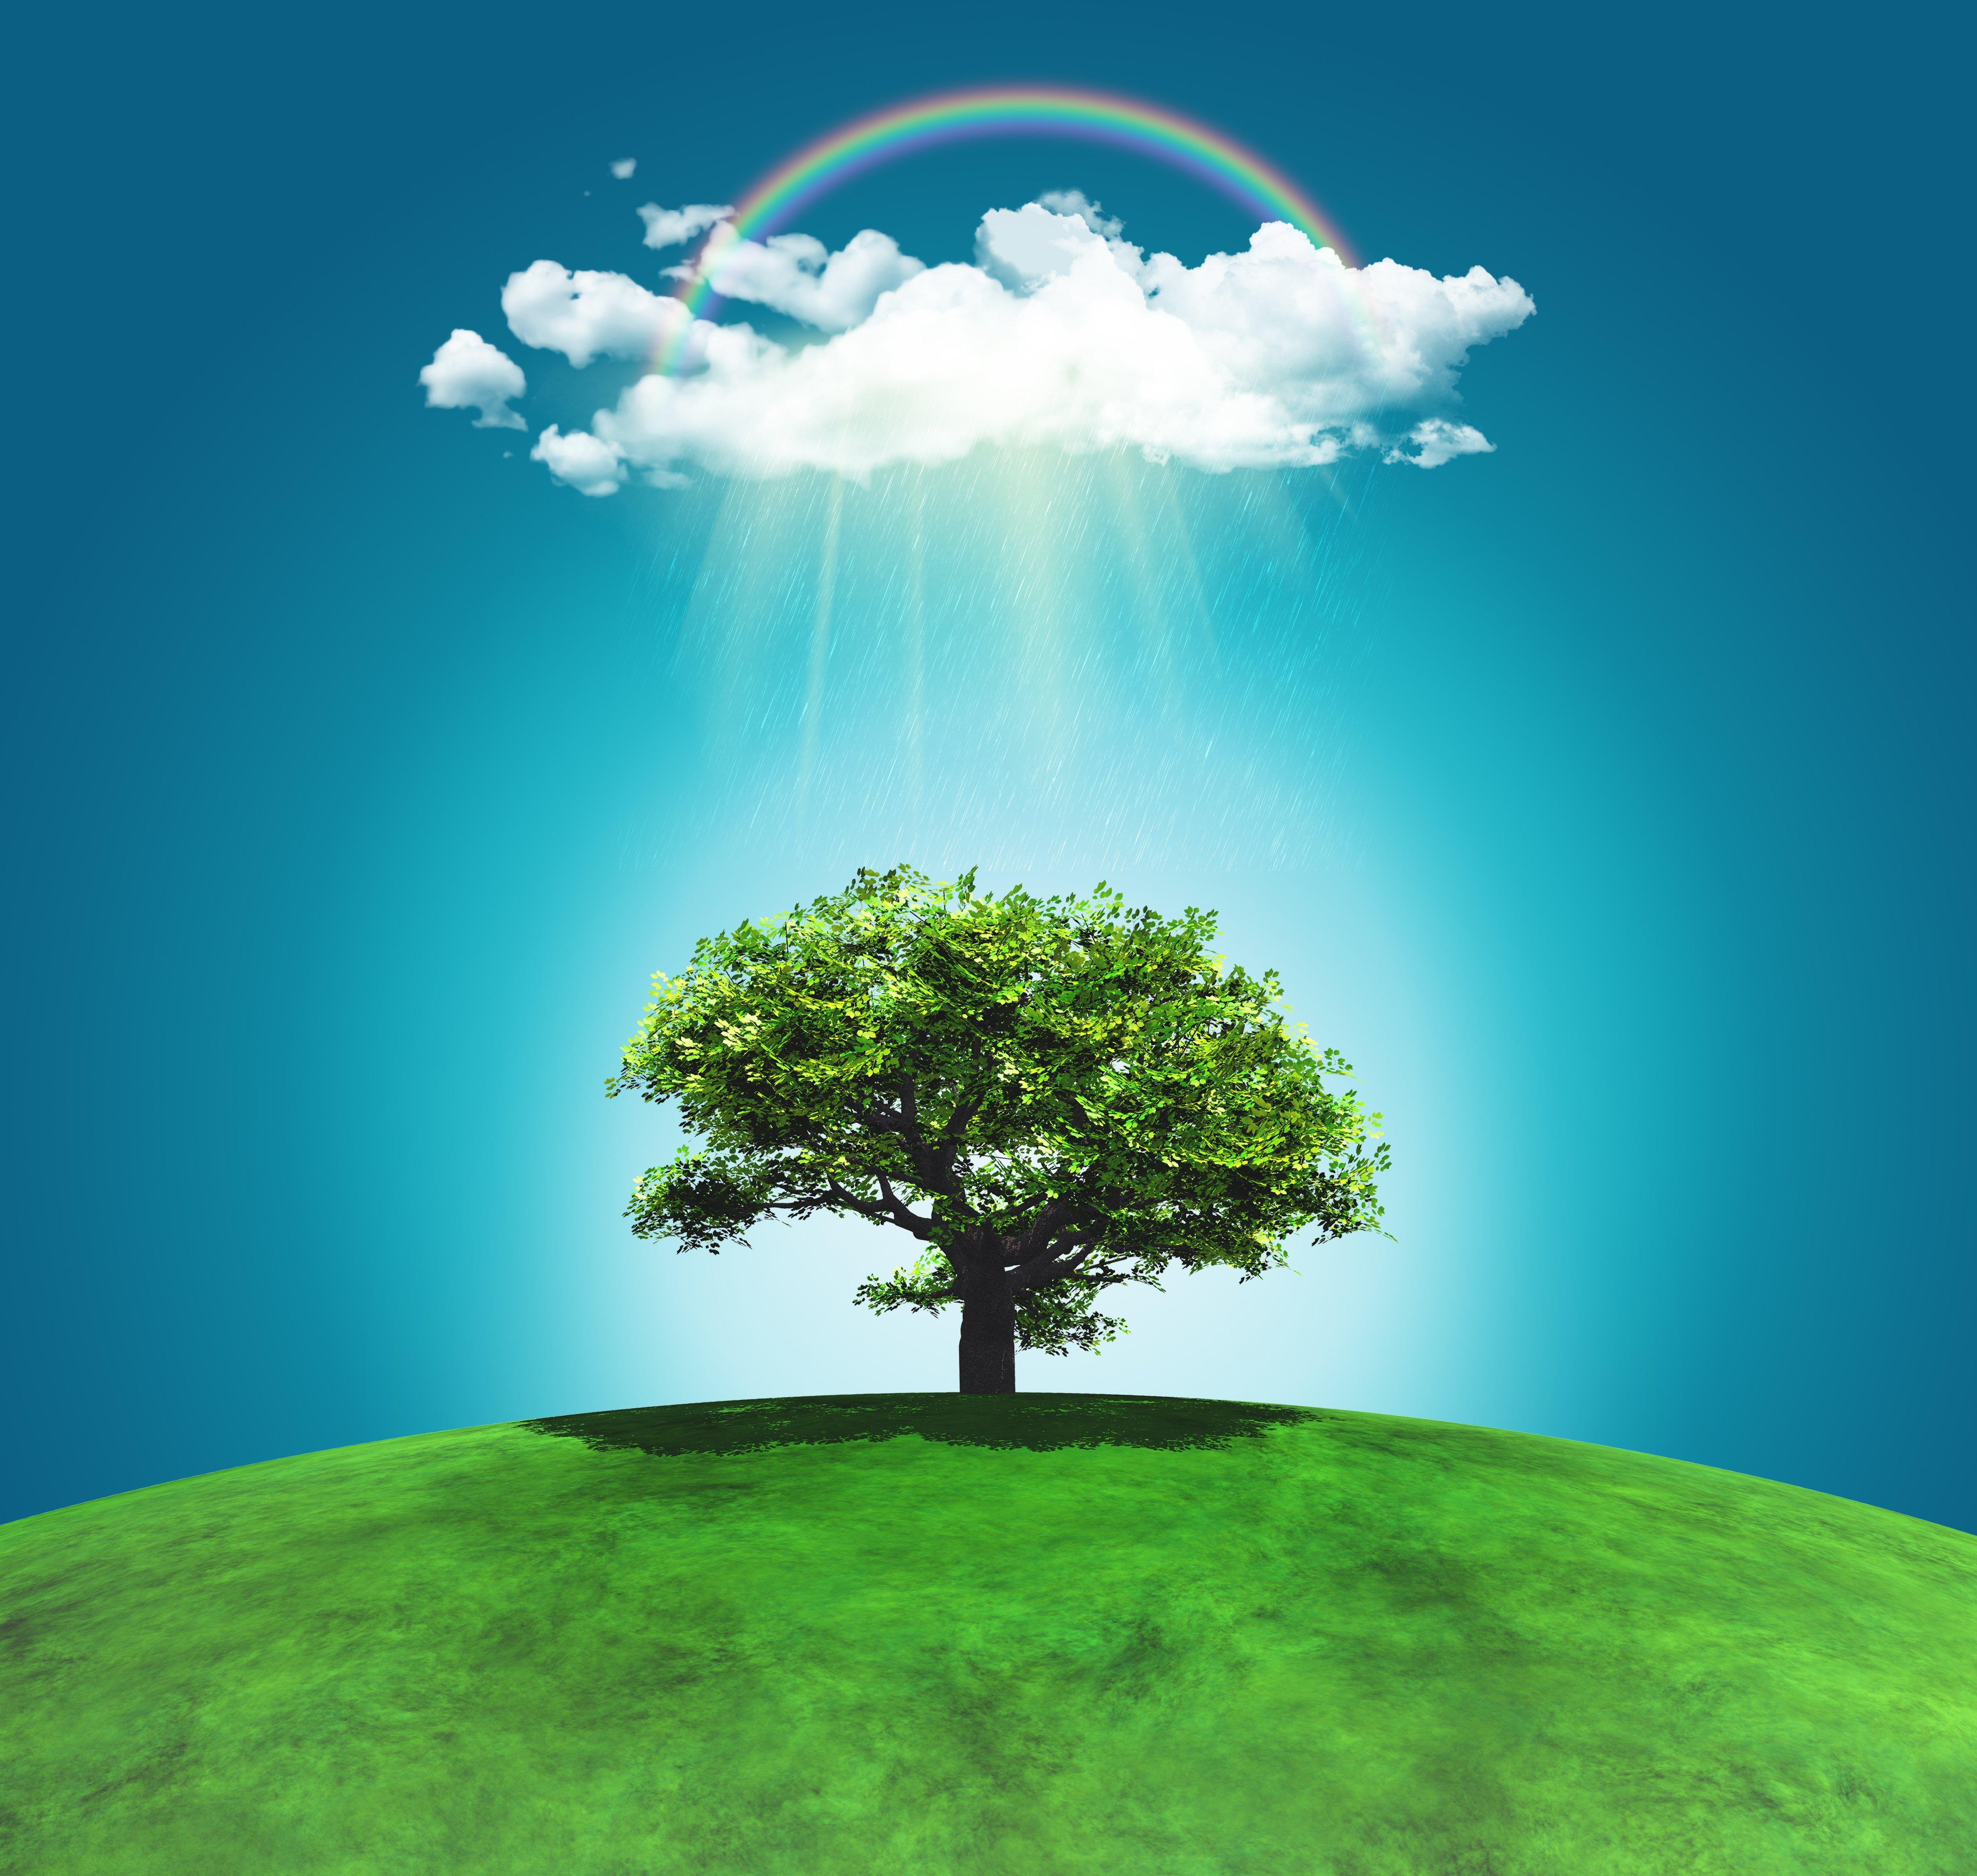 Progressing Sustainability Towards Lasting Change